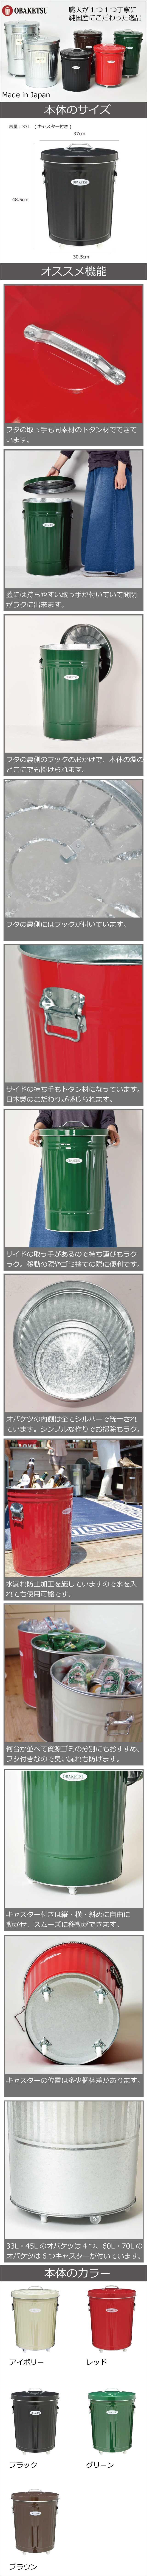 ゴミ箱 ダストボックス ごみ箱 ふた付き 屋外 おしゃれ 分別。日本製 OBAKETSU オバケツ 33L カラー キャスター付き ゴミ箱 ダストボックス ごみ箱 おしゃれ ふた付き 屋外 45リットル可 45L可 分別 スリム キッチン リビング 北欧 インテリア雑貨 デザイン雑貨 見えない 生ごみ 生ゴミ 縦型 薄型 小さい スタッキング 男前家具 渡辺金属